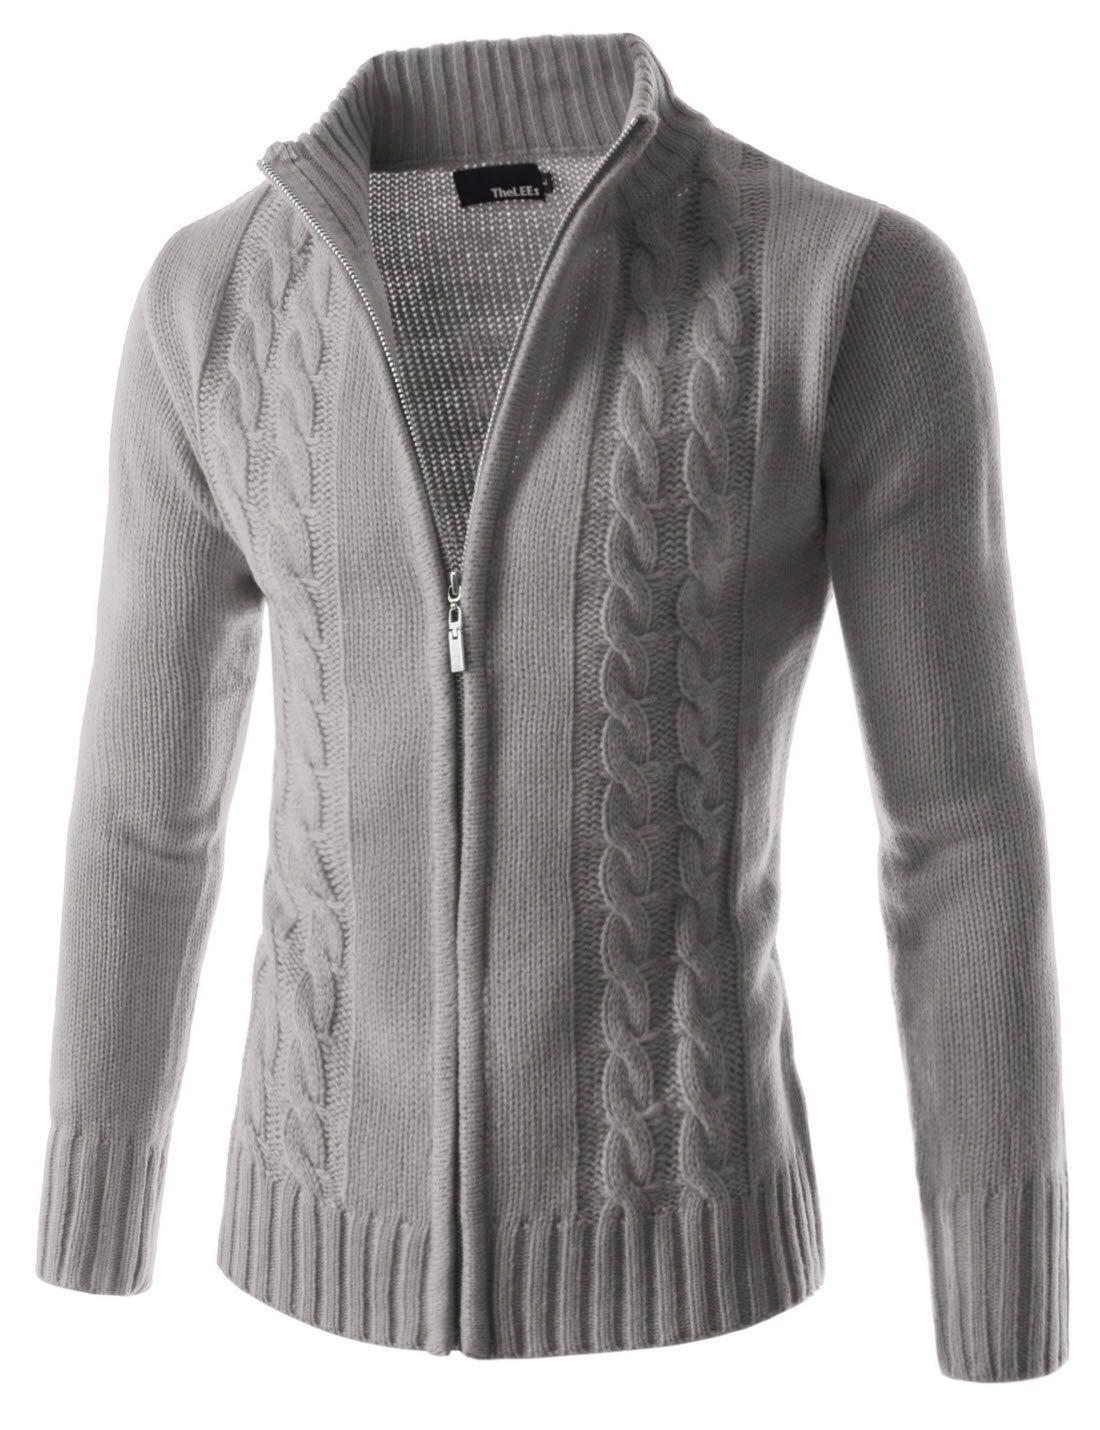 Twist Knitted Good Thermal Strickjacke Mit Reissverschluss Und Langen Armeln Erkek Gunluk Giyim Erkek Giyim Triko